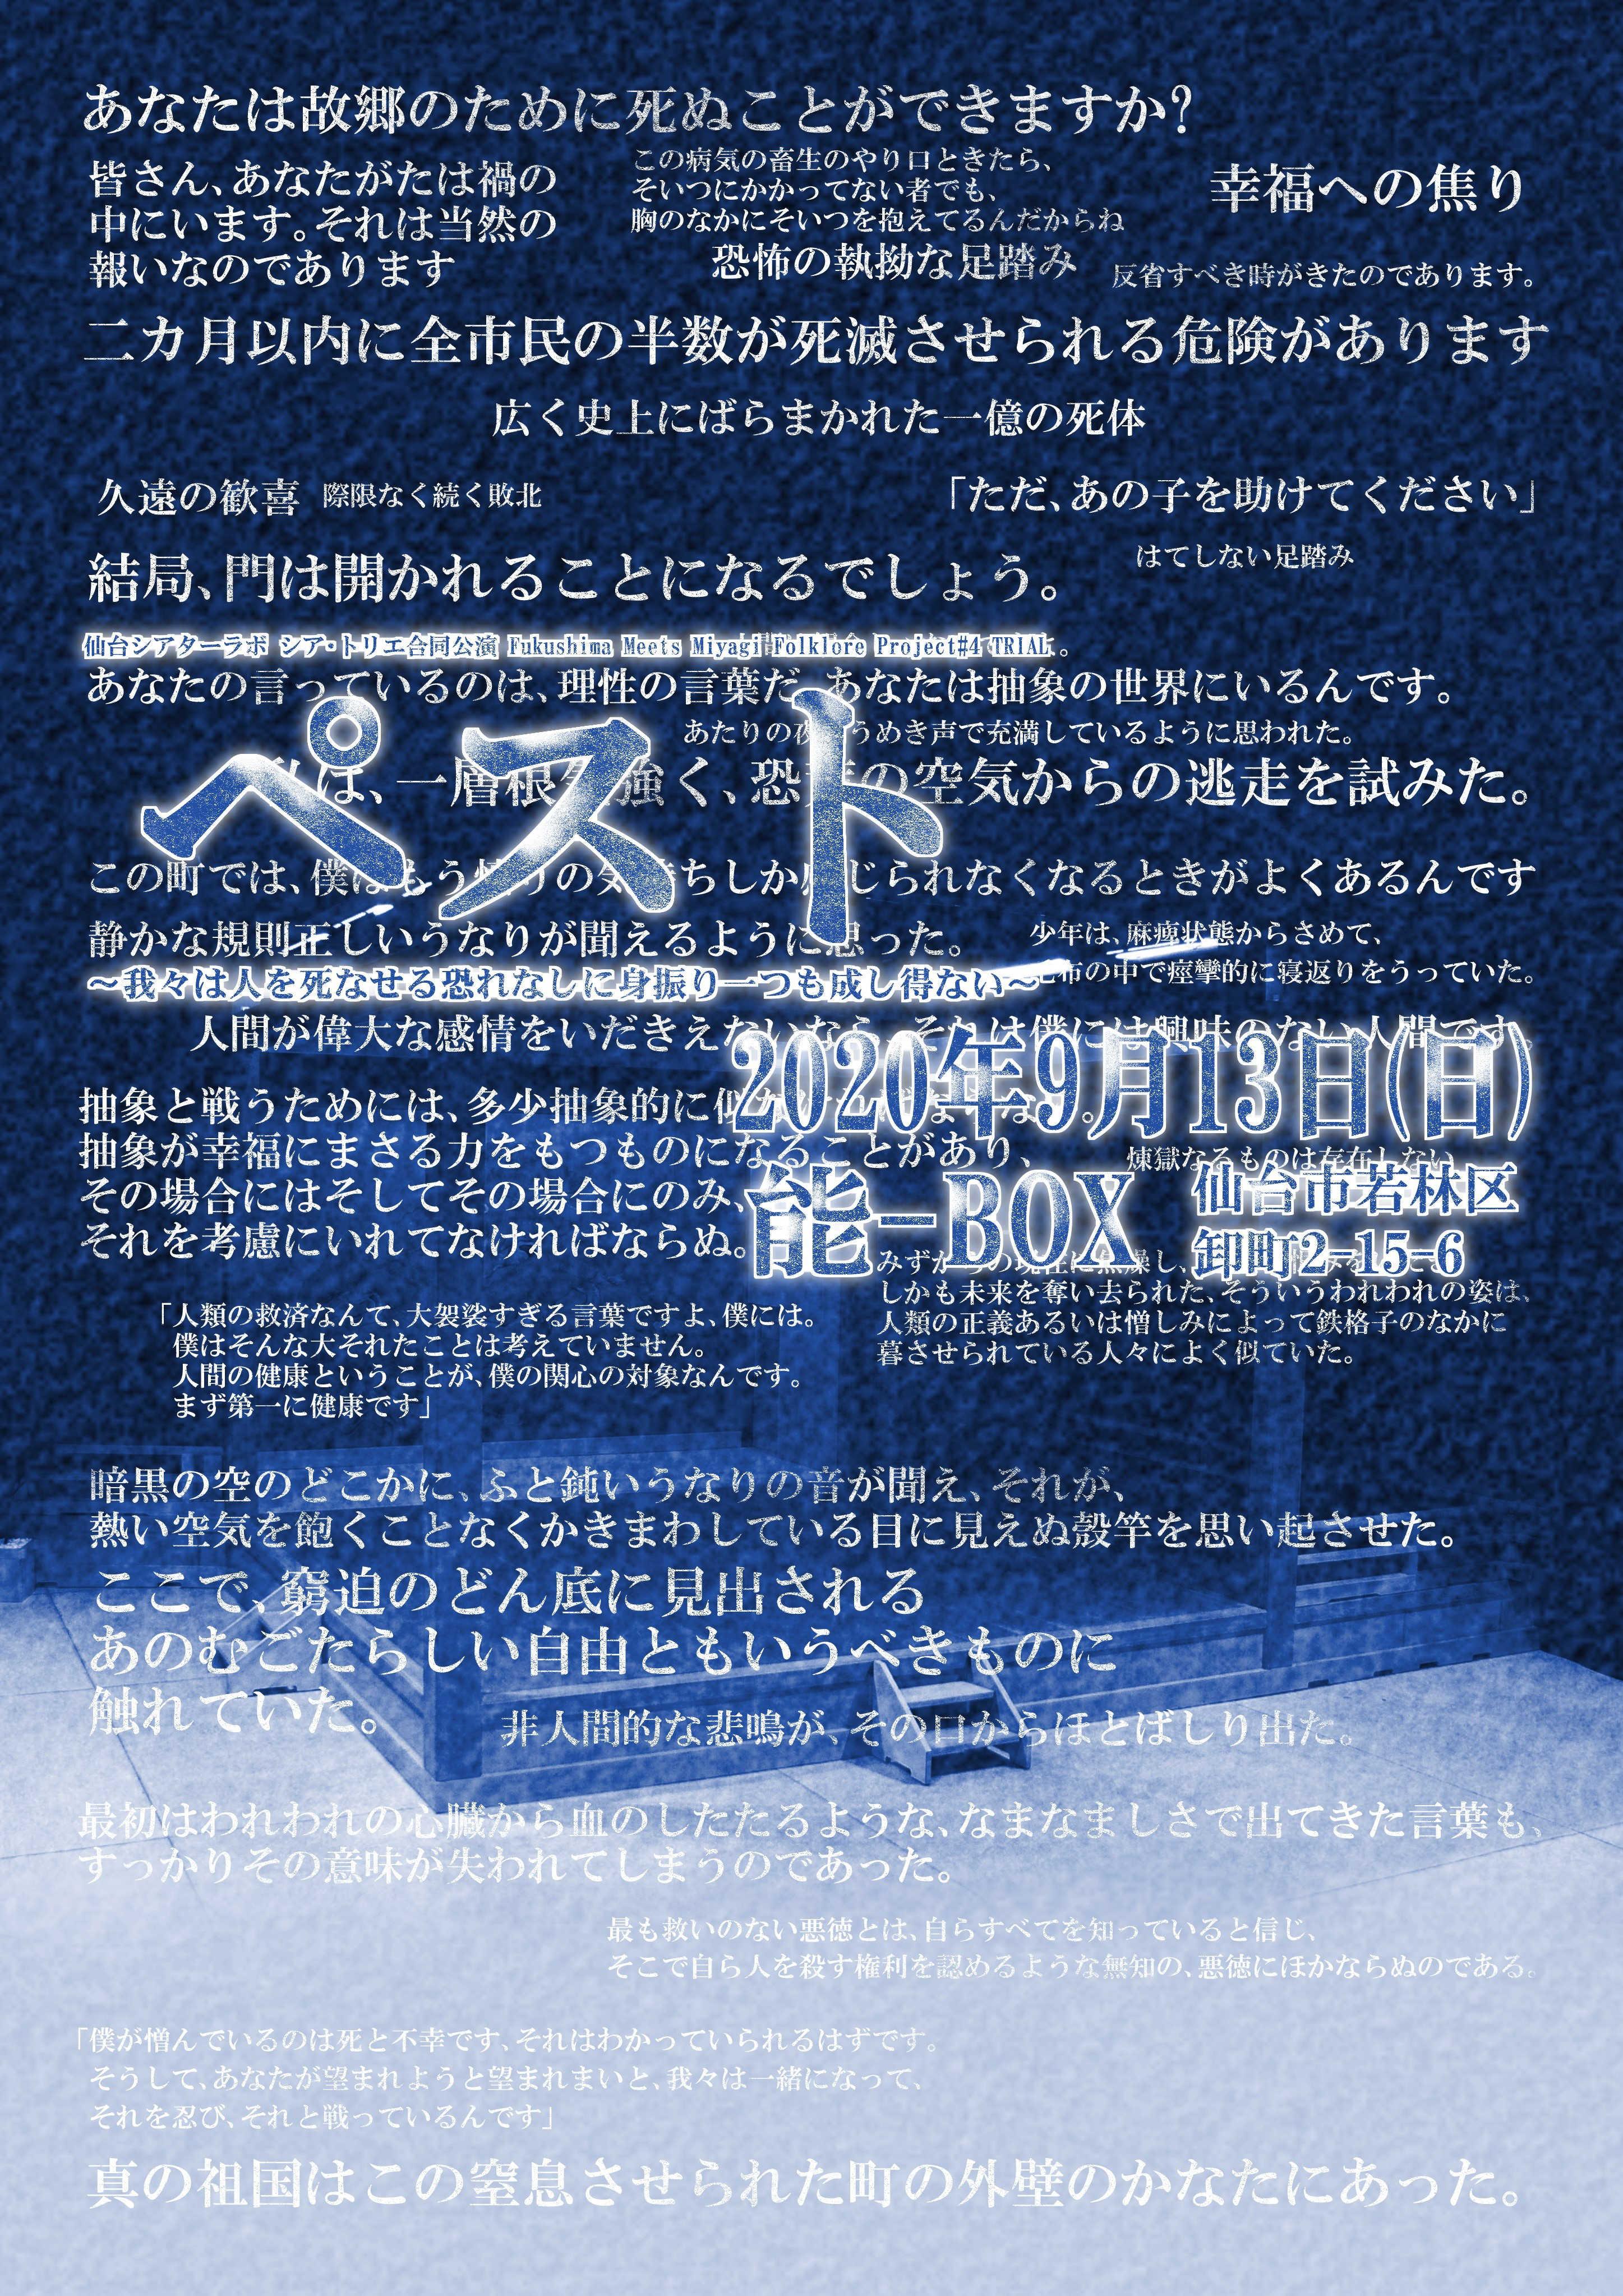 『配信』仙台シアターラボ シア・トリエ合同公演 Fukushima Meets Miyagi Folklore Project#4 TRIAL 『ペスト〜我々は人を死なせる恐れなしに身振り一つも成し得ない〜』